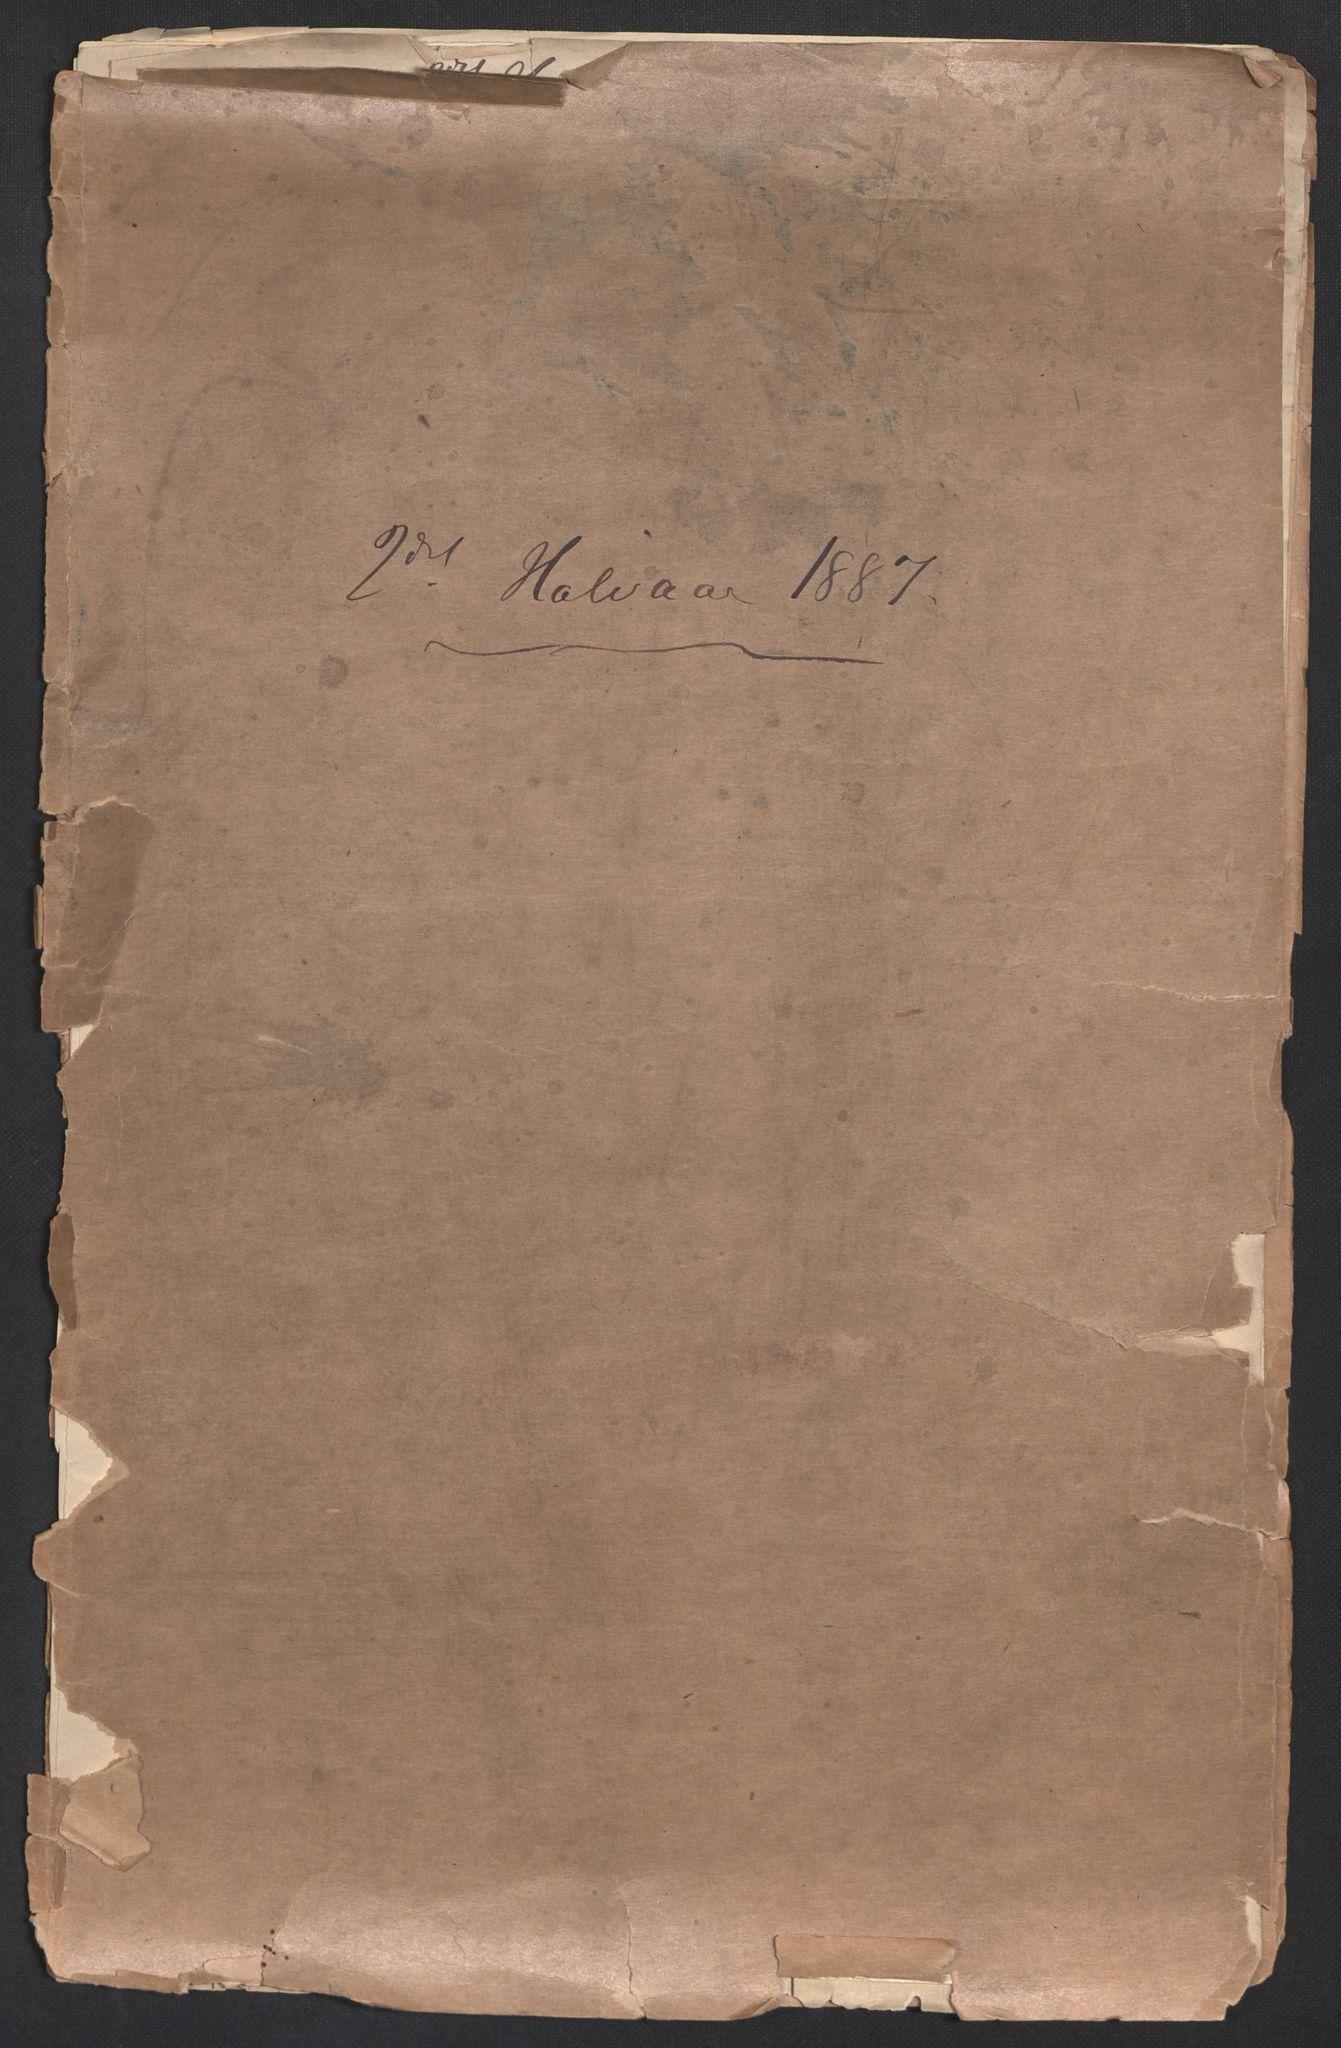 NHMO, Naturhistorisk museum (Oslo), 2: Fugl. Observasjonsliste. 2. halvår 1887., 1887